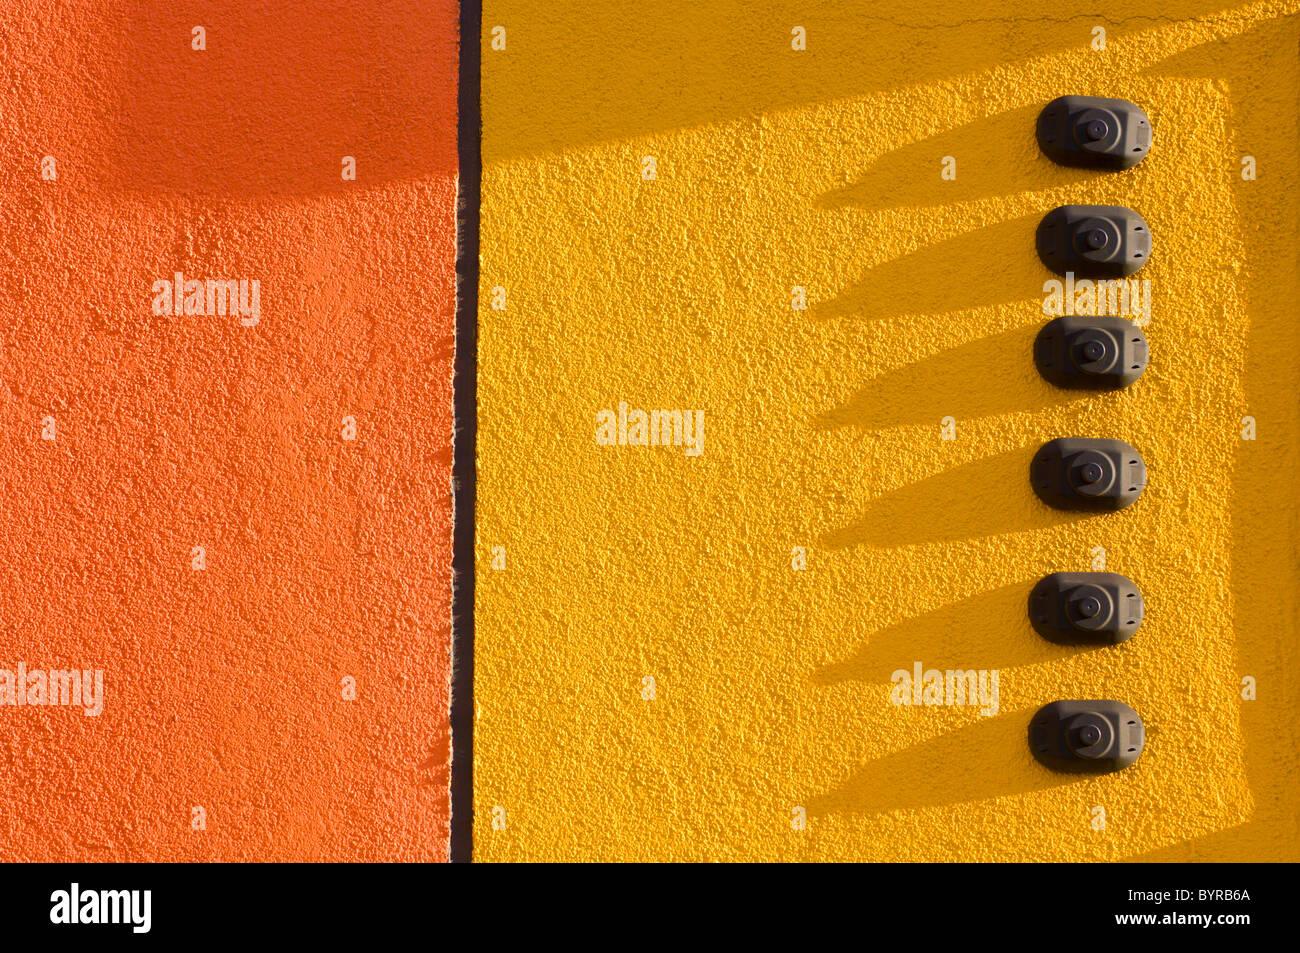 Pared de estuco naranja y amarilla con 6 timbres; st. Albert, Alberta, Canadá Imagen De Stock